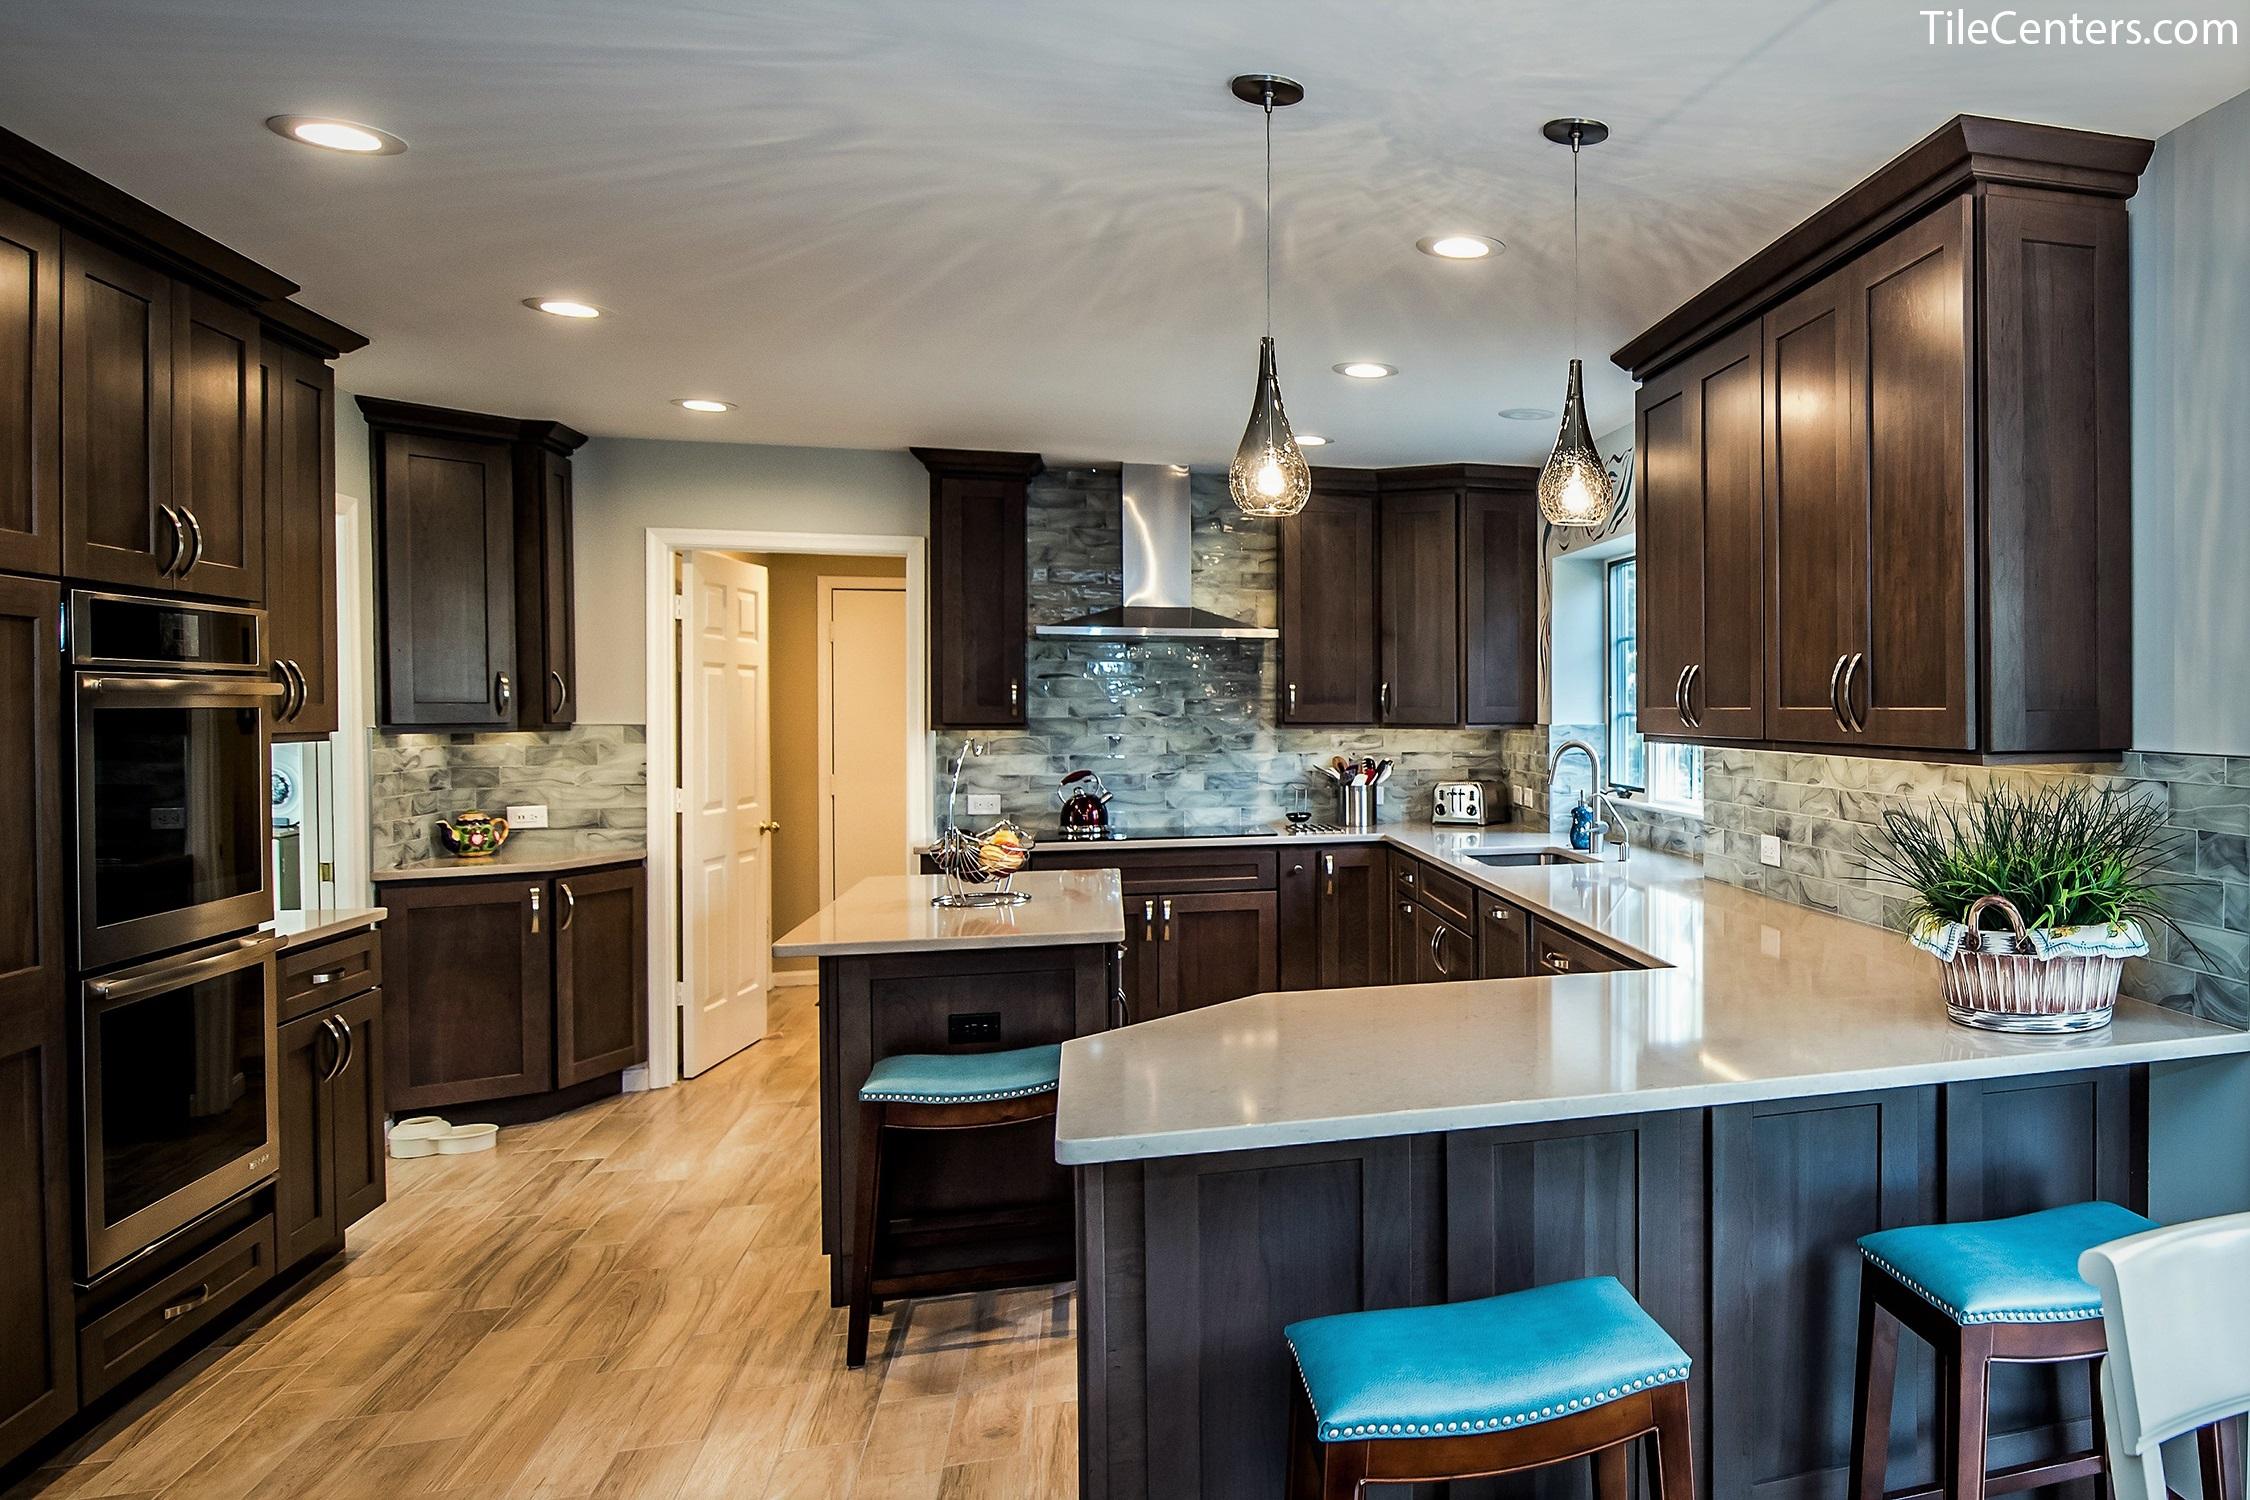 Kitchen Remodel - Farcroft lane, Gaithersburg, MD 20882